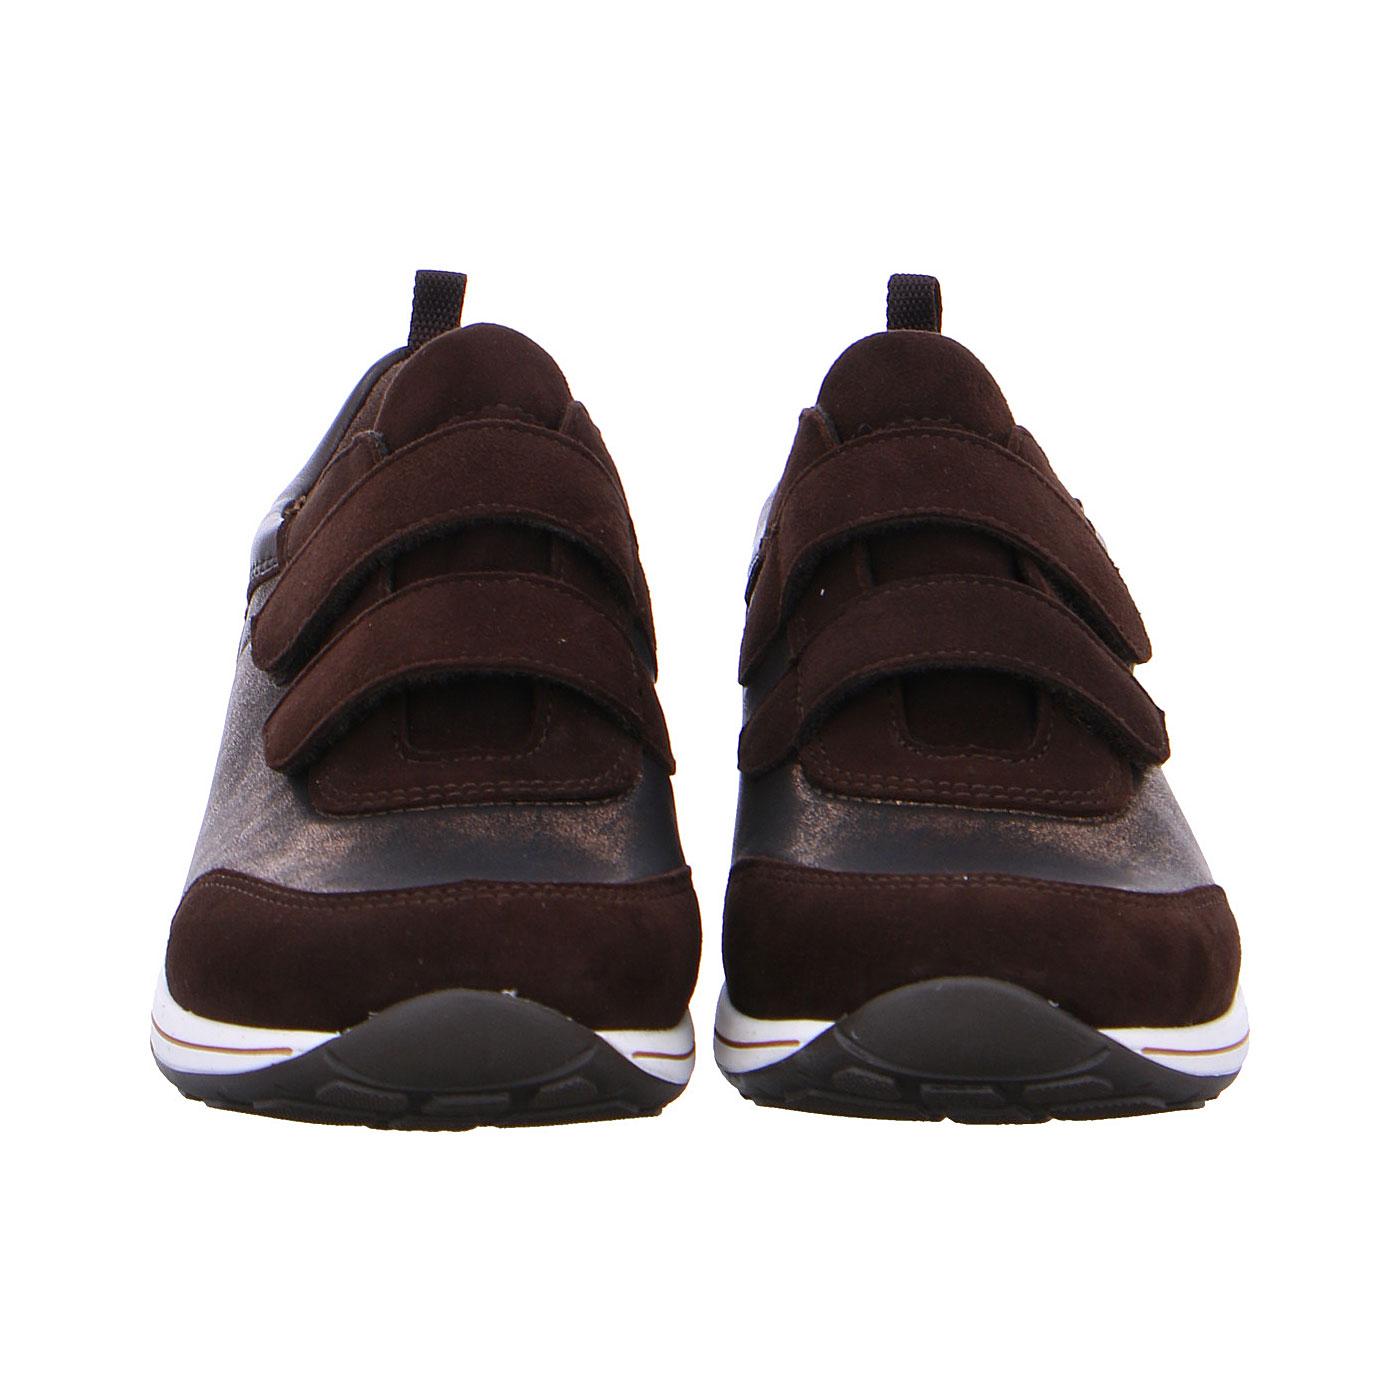 Дамски спортни обувки с велкро ara 12-44520-79 кафяви - снимка 6